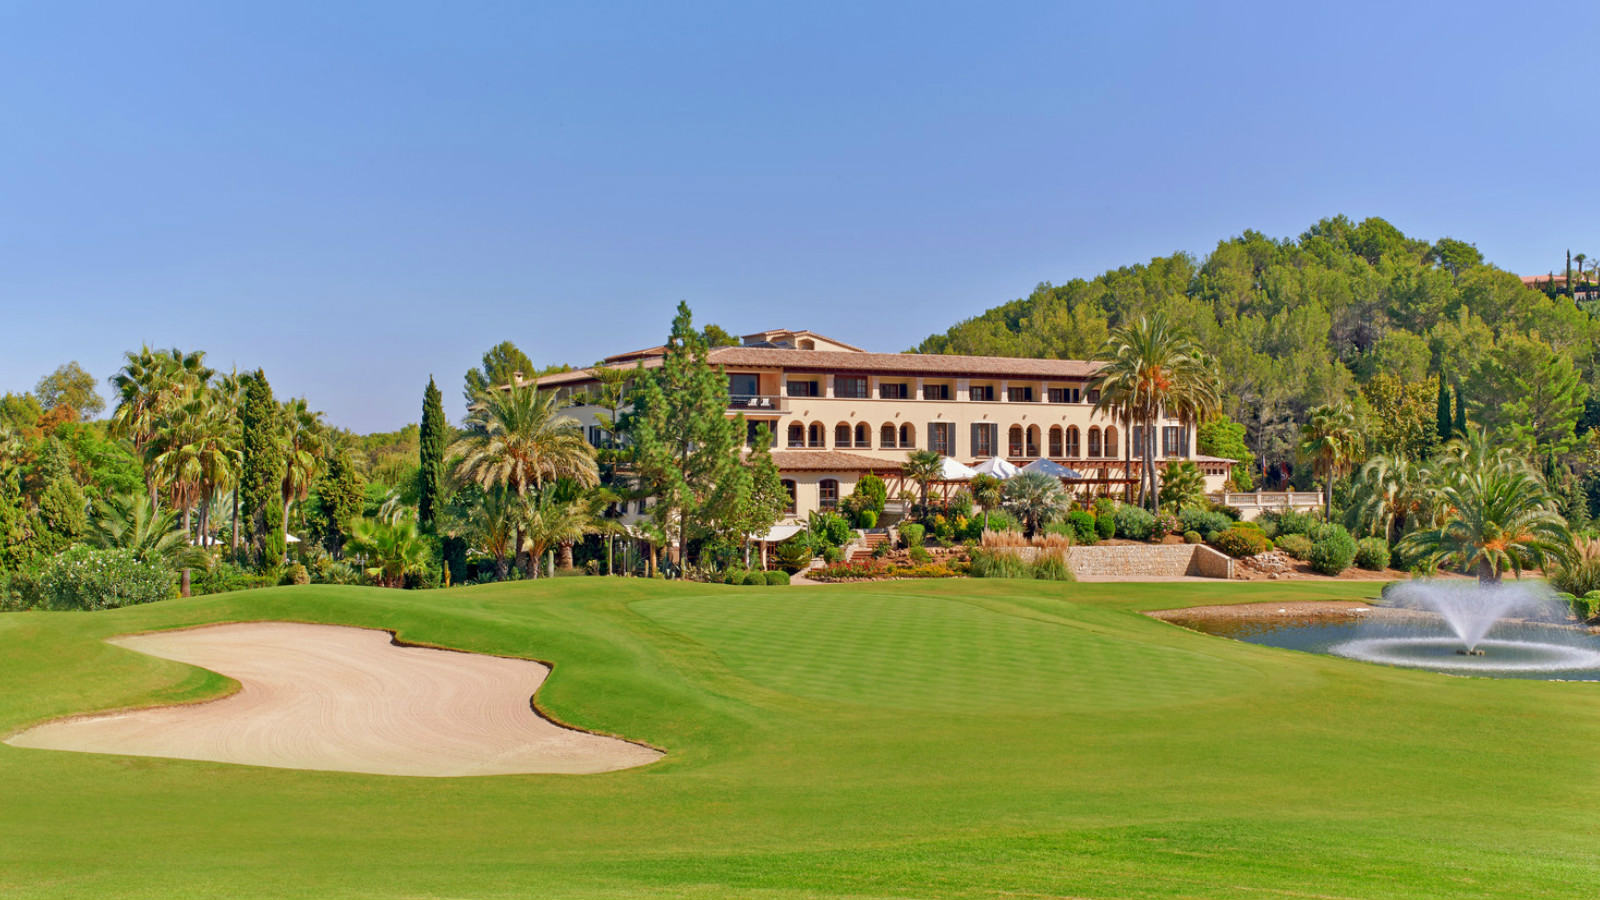 Golfreisen Mallorca - Sheraton Mallorca Arabella Golf Hotel. Die beliebteste Urlaubsdestination vieler Golfer ist unbestritten die wunderschöne Insel Mallorca. Mehr als ein Dutzend interessanter Plätze locken Golfhungrige das ganze Jahr über. Die Spitzenplätze Son Muntaner, Son Vida und Son Quint stehen den Gästen des Hotels kostenfrei zur Verfügung.